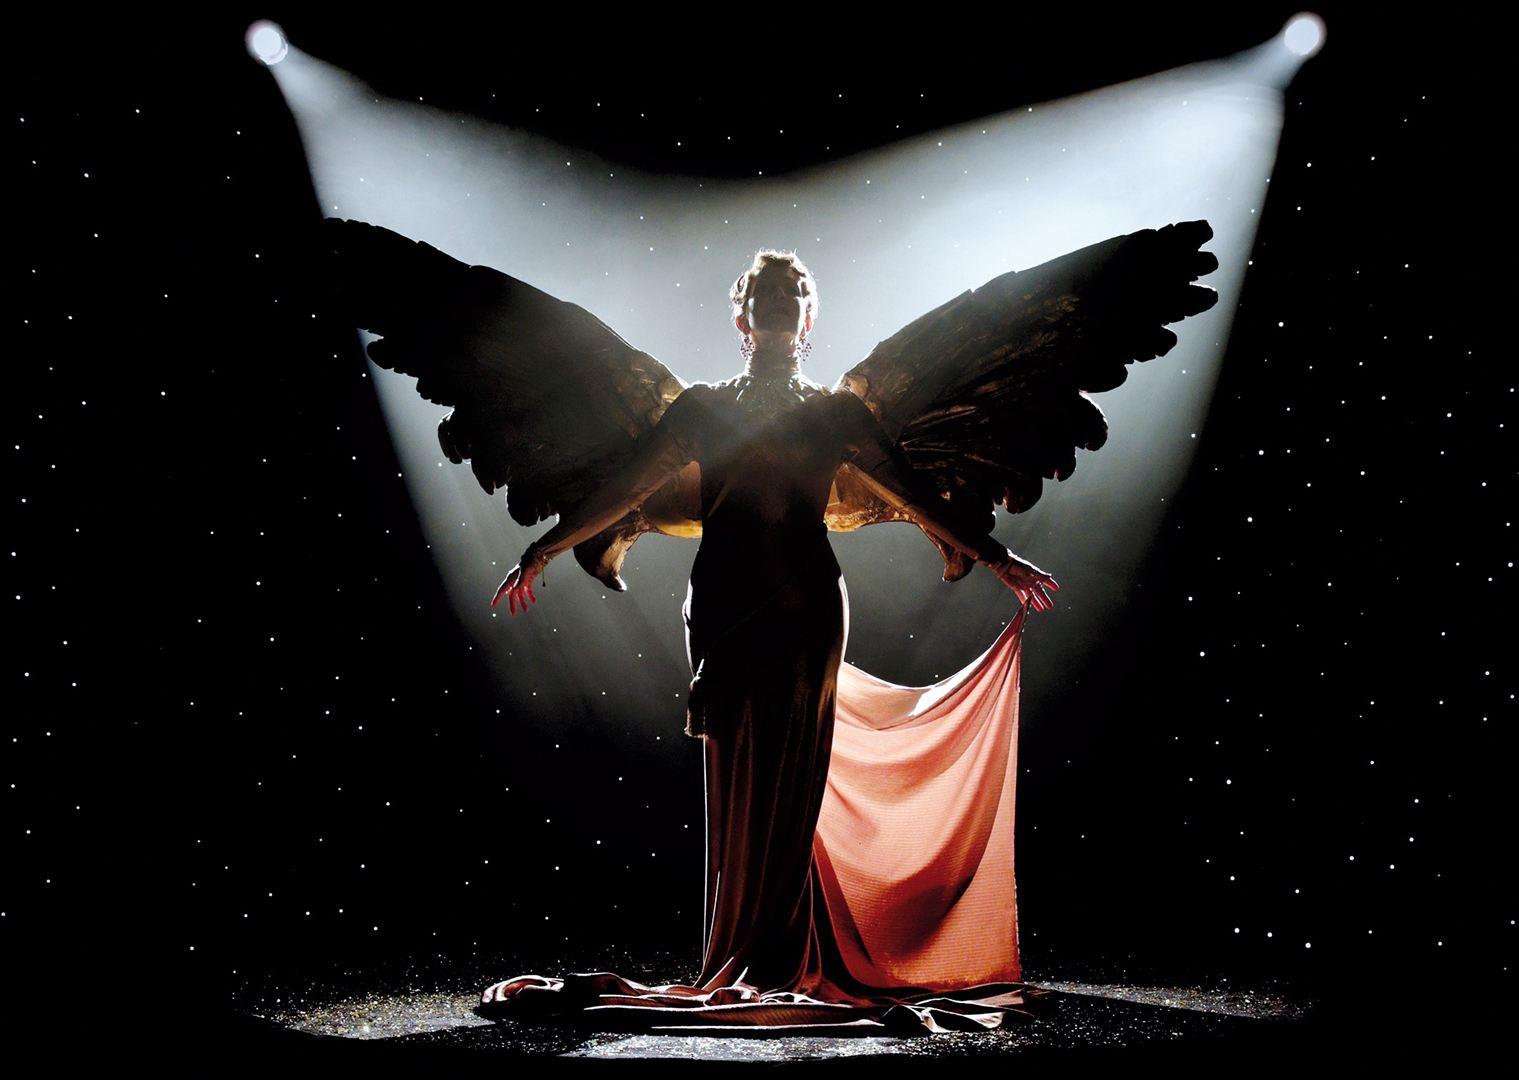 Werbebildschirm mit Foster Jenkins, schwarz-weiß Aufnahme, sie trägt enges, langes Kleid mit großen Engelsflügeln.